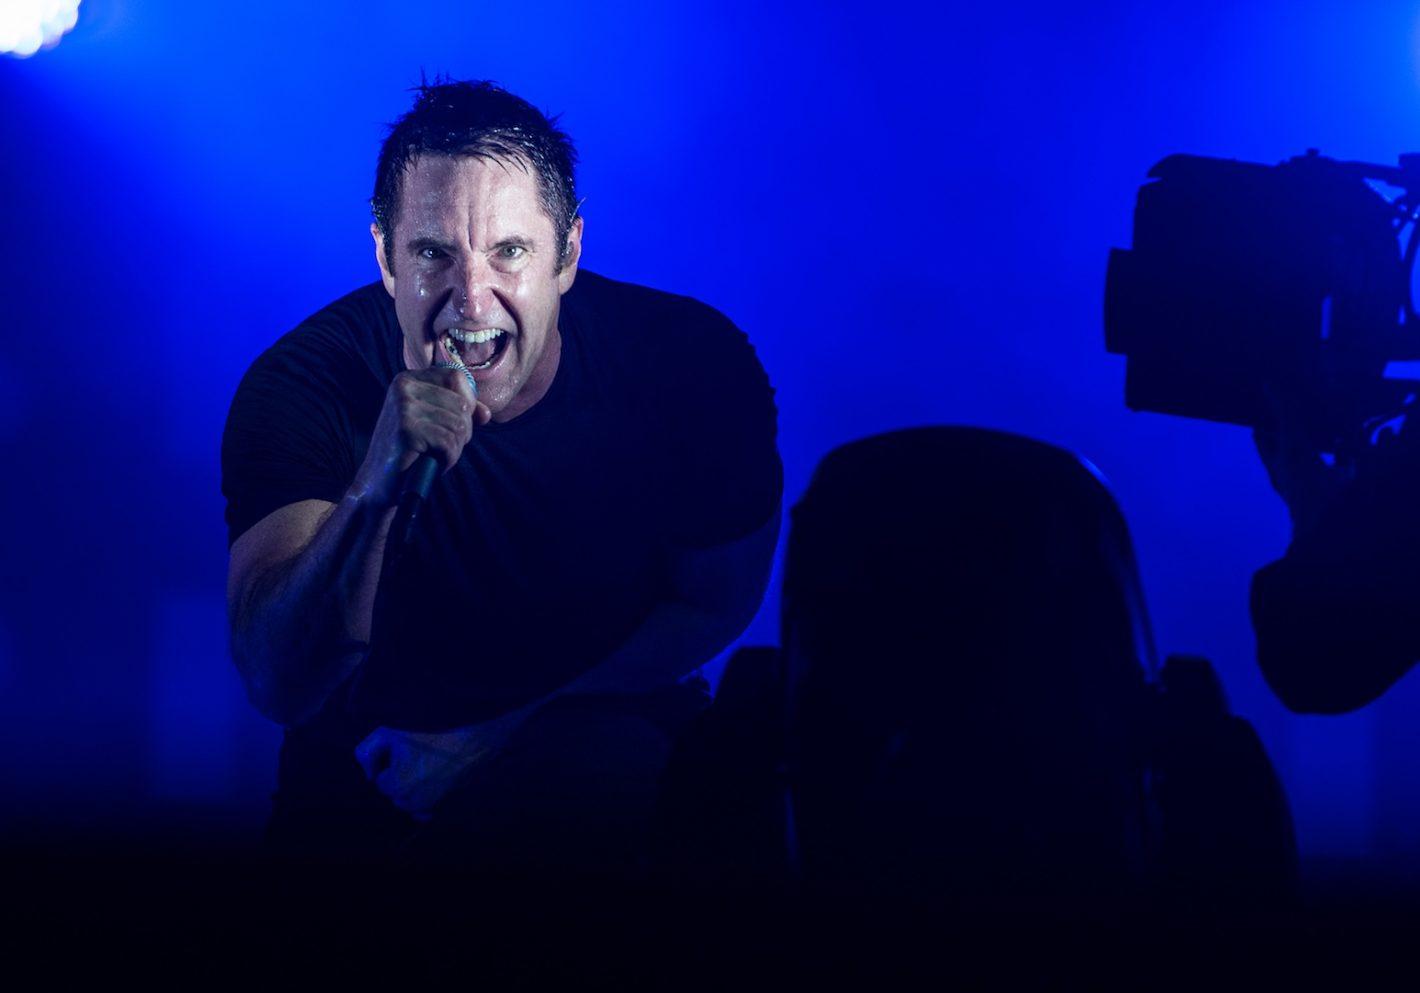 Nine Inch Nails (NIN), Festival Rock en Seine, 24 août 2013 (Nikon D4 - 70.0-200.0 mm f/2.8) - NIN est un groupe dont je suis fan depuis très longtemps. C'était la première fois que je shootais Trent Reznor. Je me suis mis doublement la pression. L'atmosphère est très froide, impersonnelle. Trent Reznor, en terme de lumière a une idée bien arrêtée de ses shows. Son designer scénique, Rob Sheridan, est aussi très pointilleux. Il y a beaucoup de strobes. Cela donne des conditions de lumières très fugaces et violentes. J'étais assez hypnotisé par la personne : il y a une symétrie, un regard, une violence qui reflète bien le style musical de NIN.